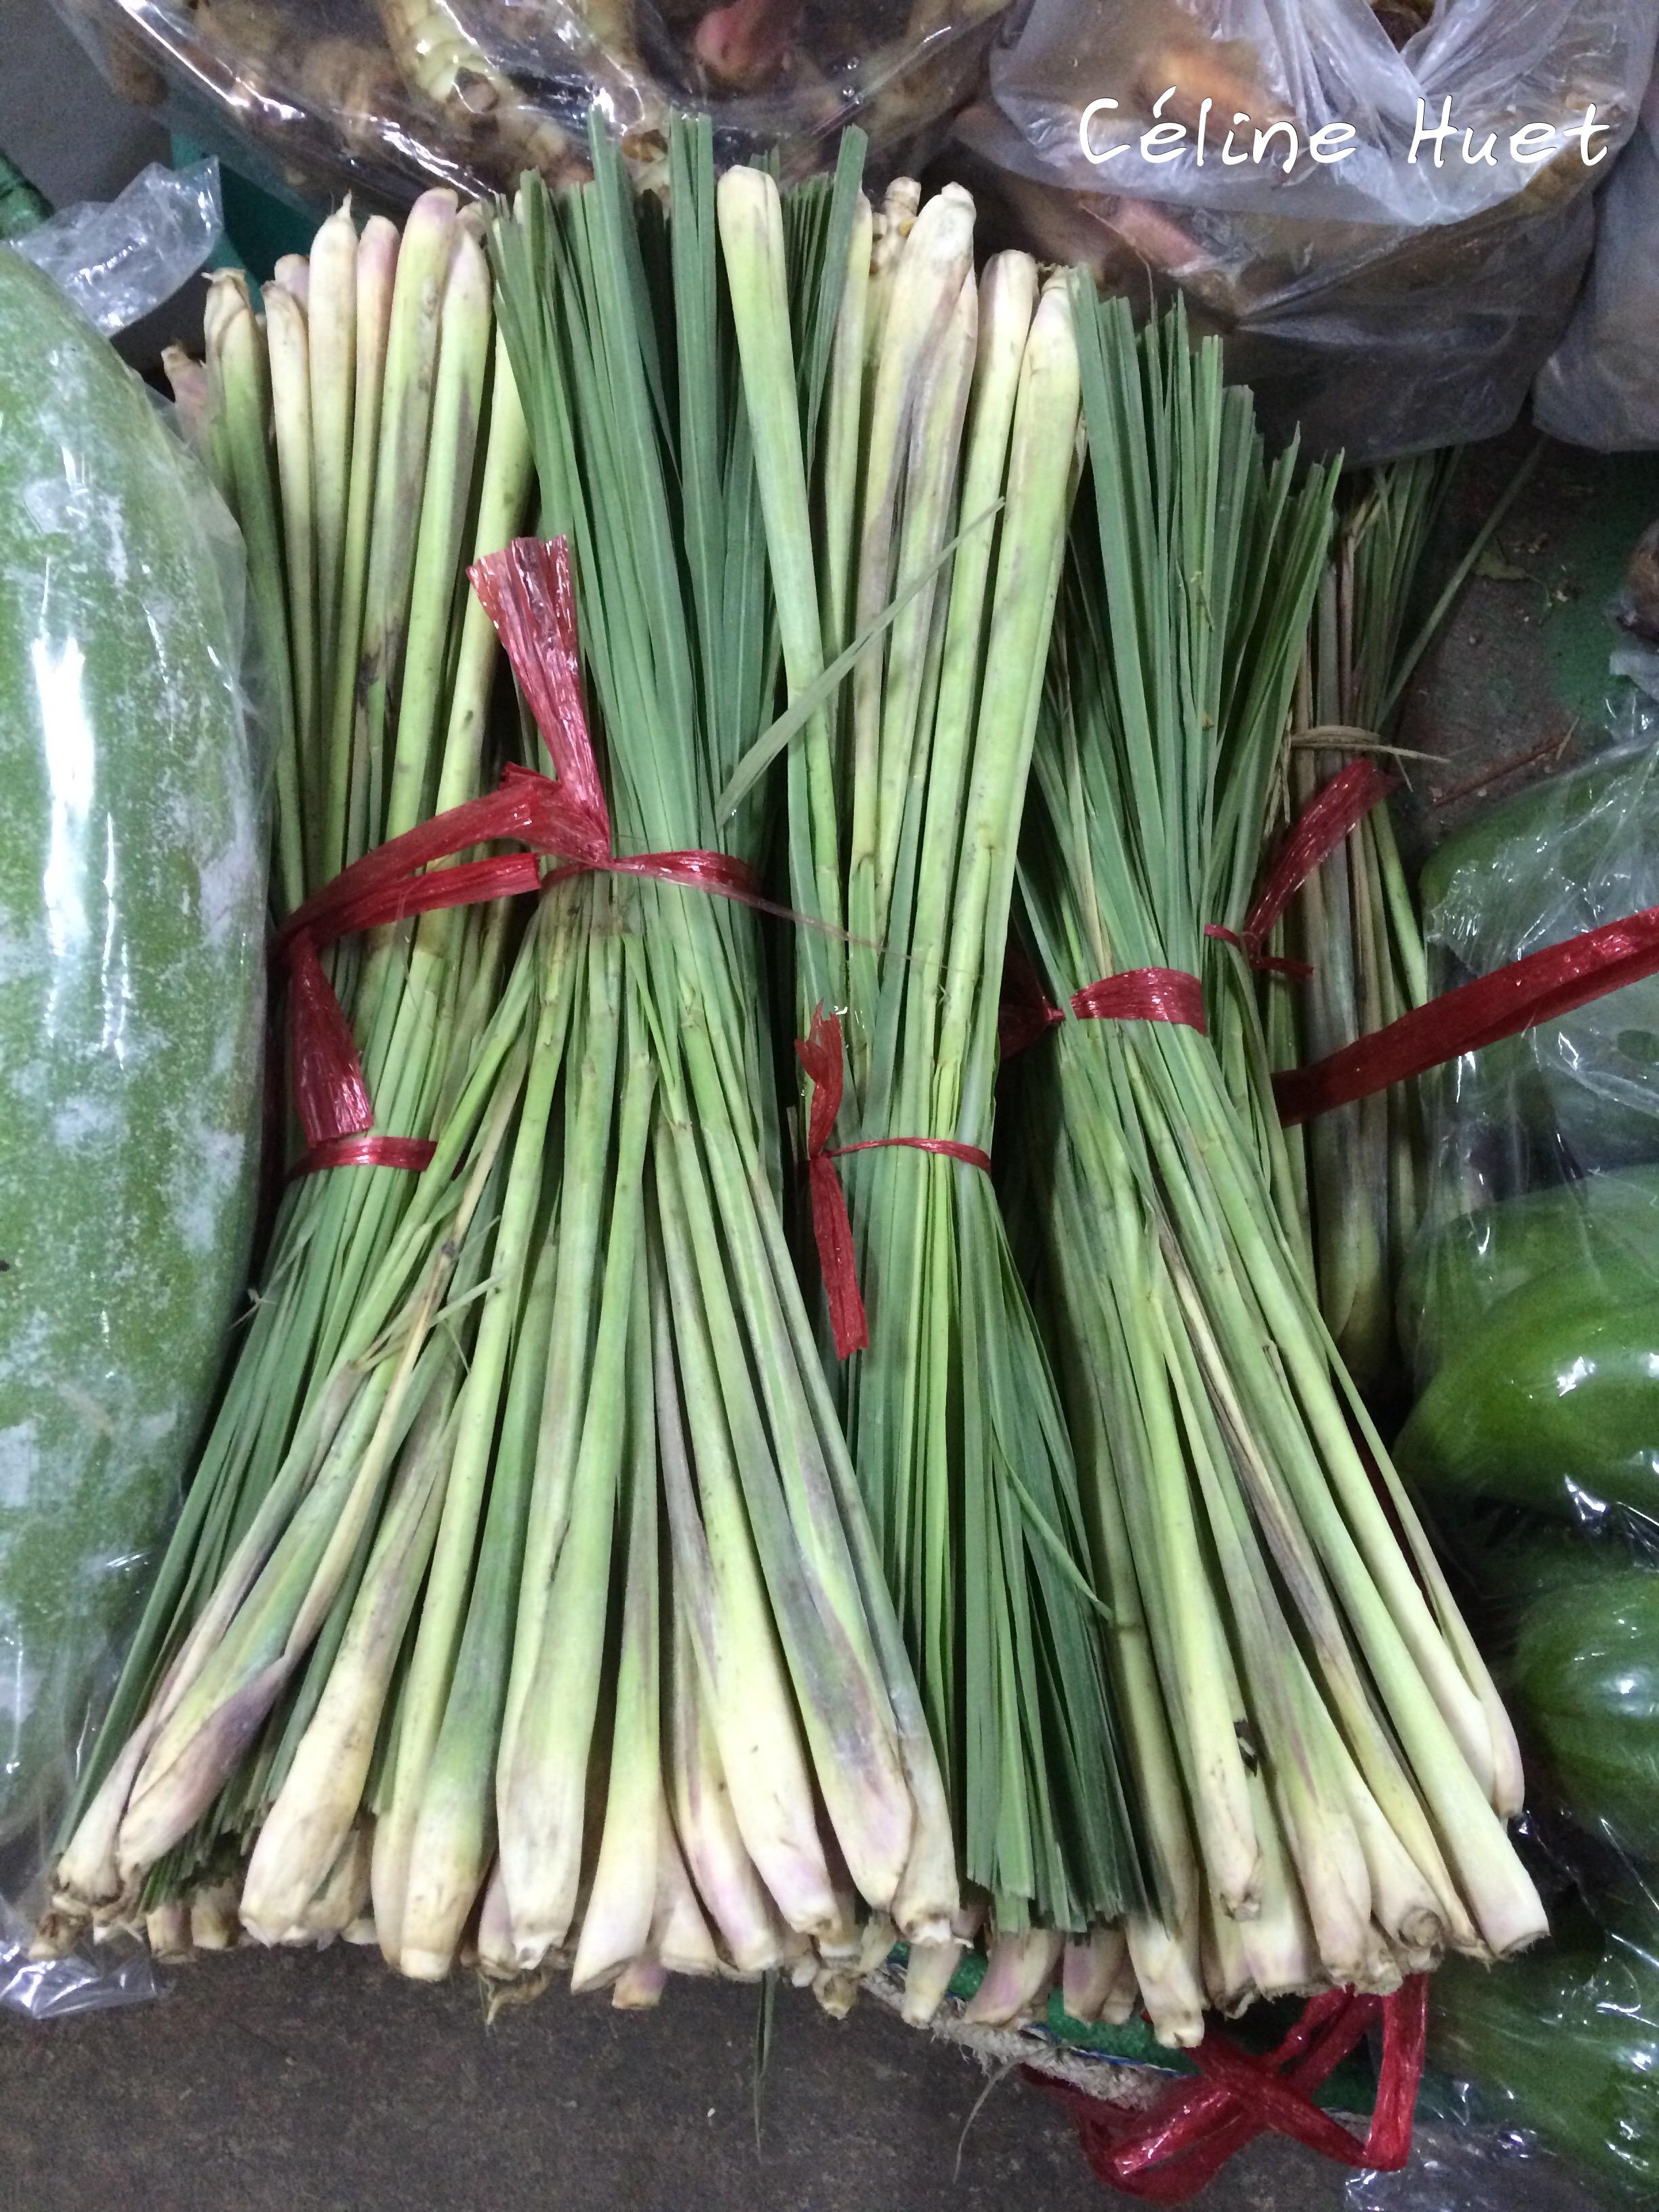 Citronnelle Lemongrass Flowers Market Bangkok Thailand Asia